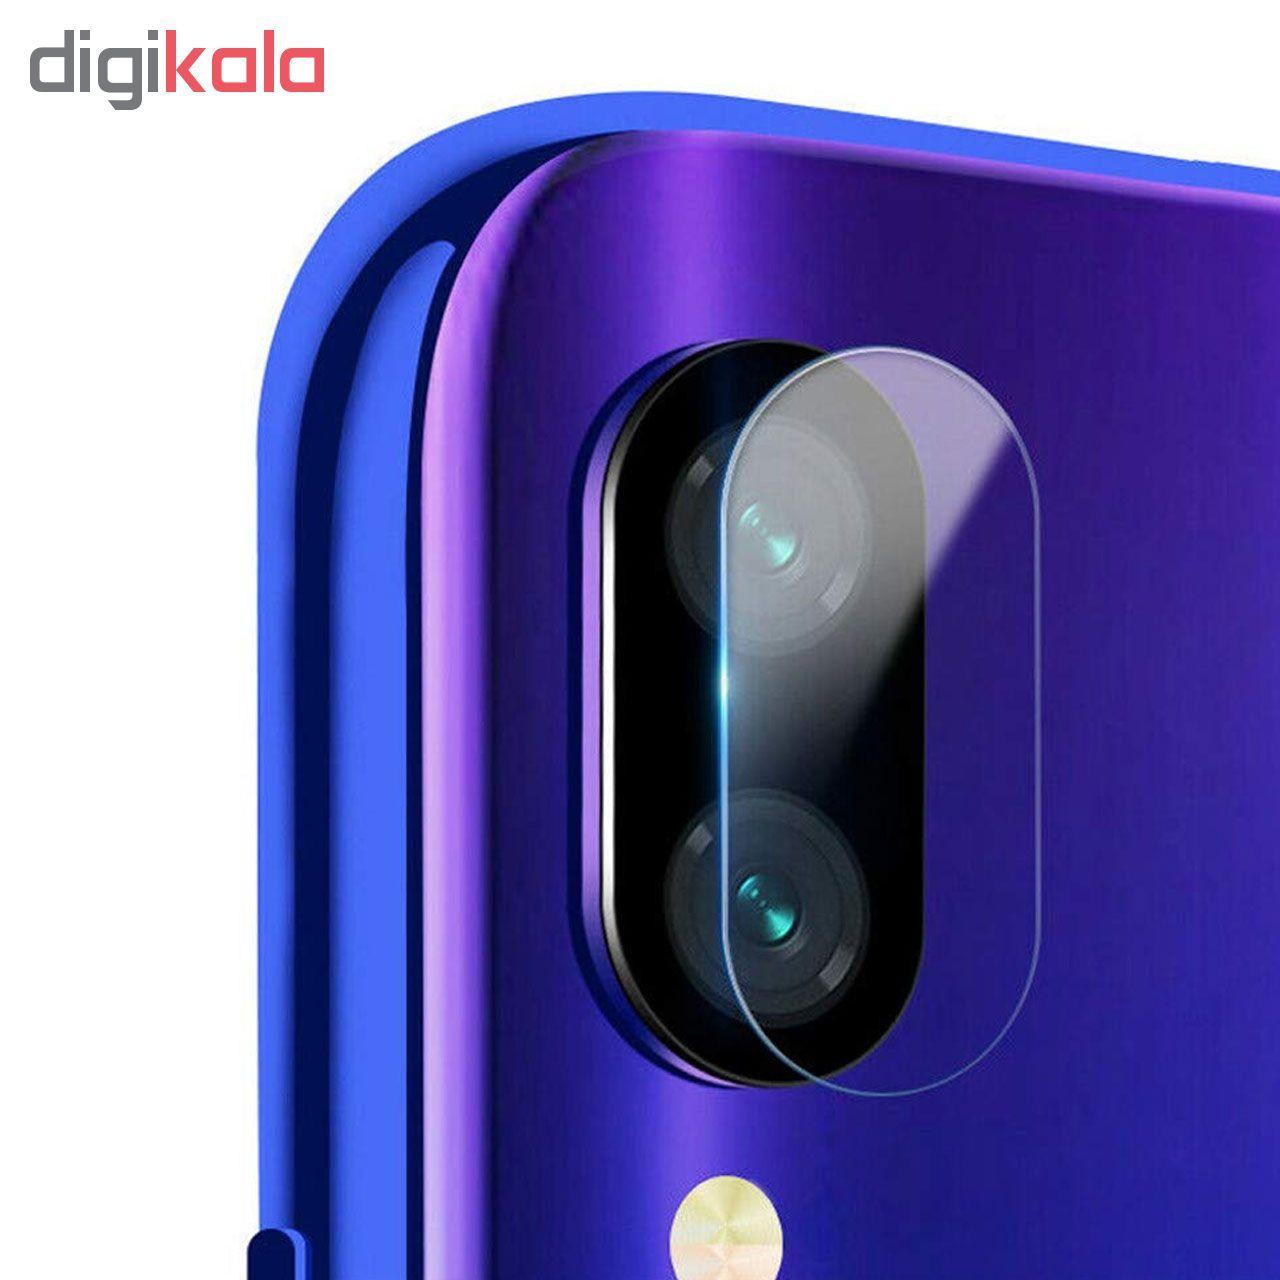 محافظ لنز دوربین هورس مدل UTF مناسب برای گوشی موبایل شیائومی Redmi Note 7 / Redmi Note 7 Pro بسته سه عددی main 1 5